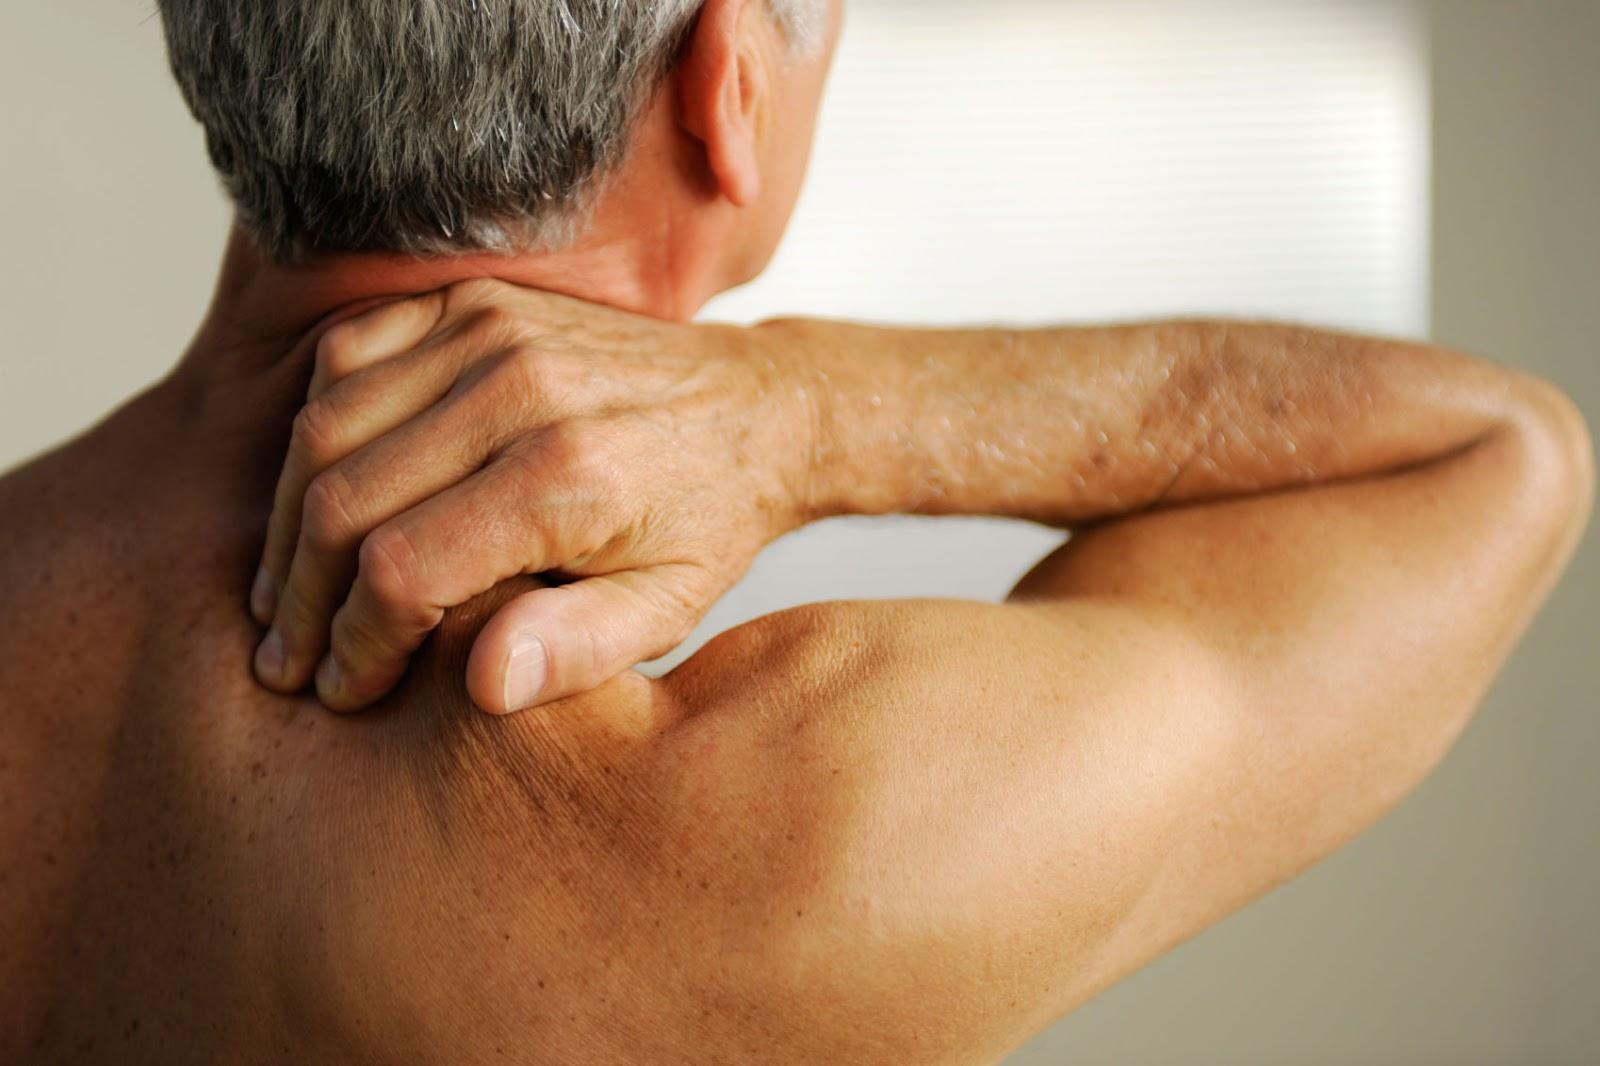 Боли в шее при реактивном артрите фото